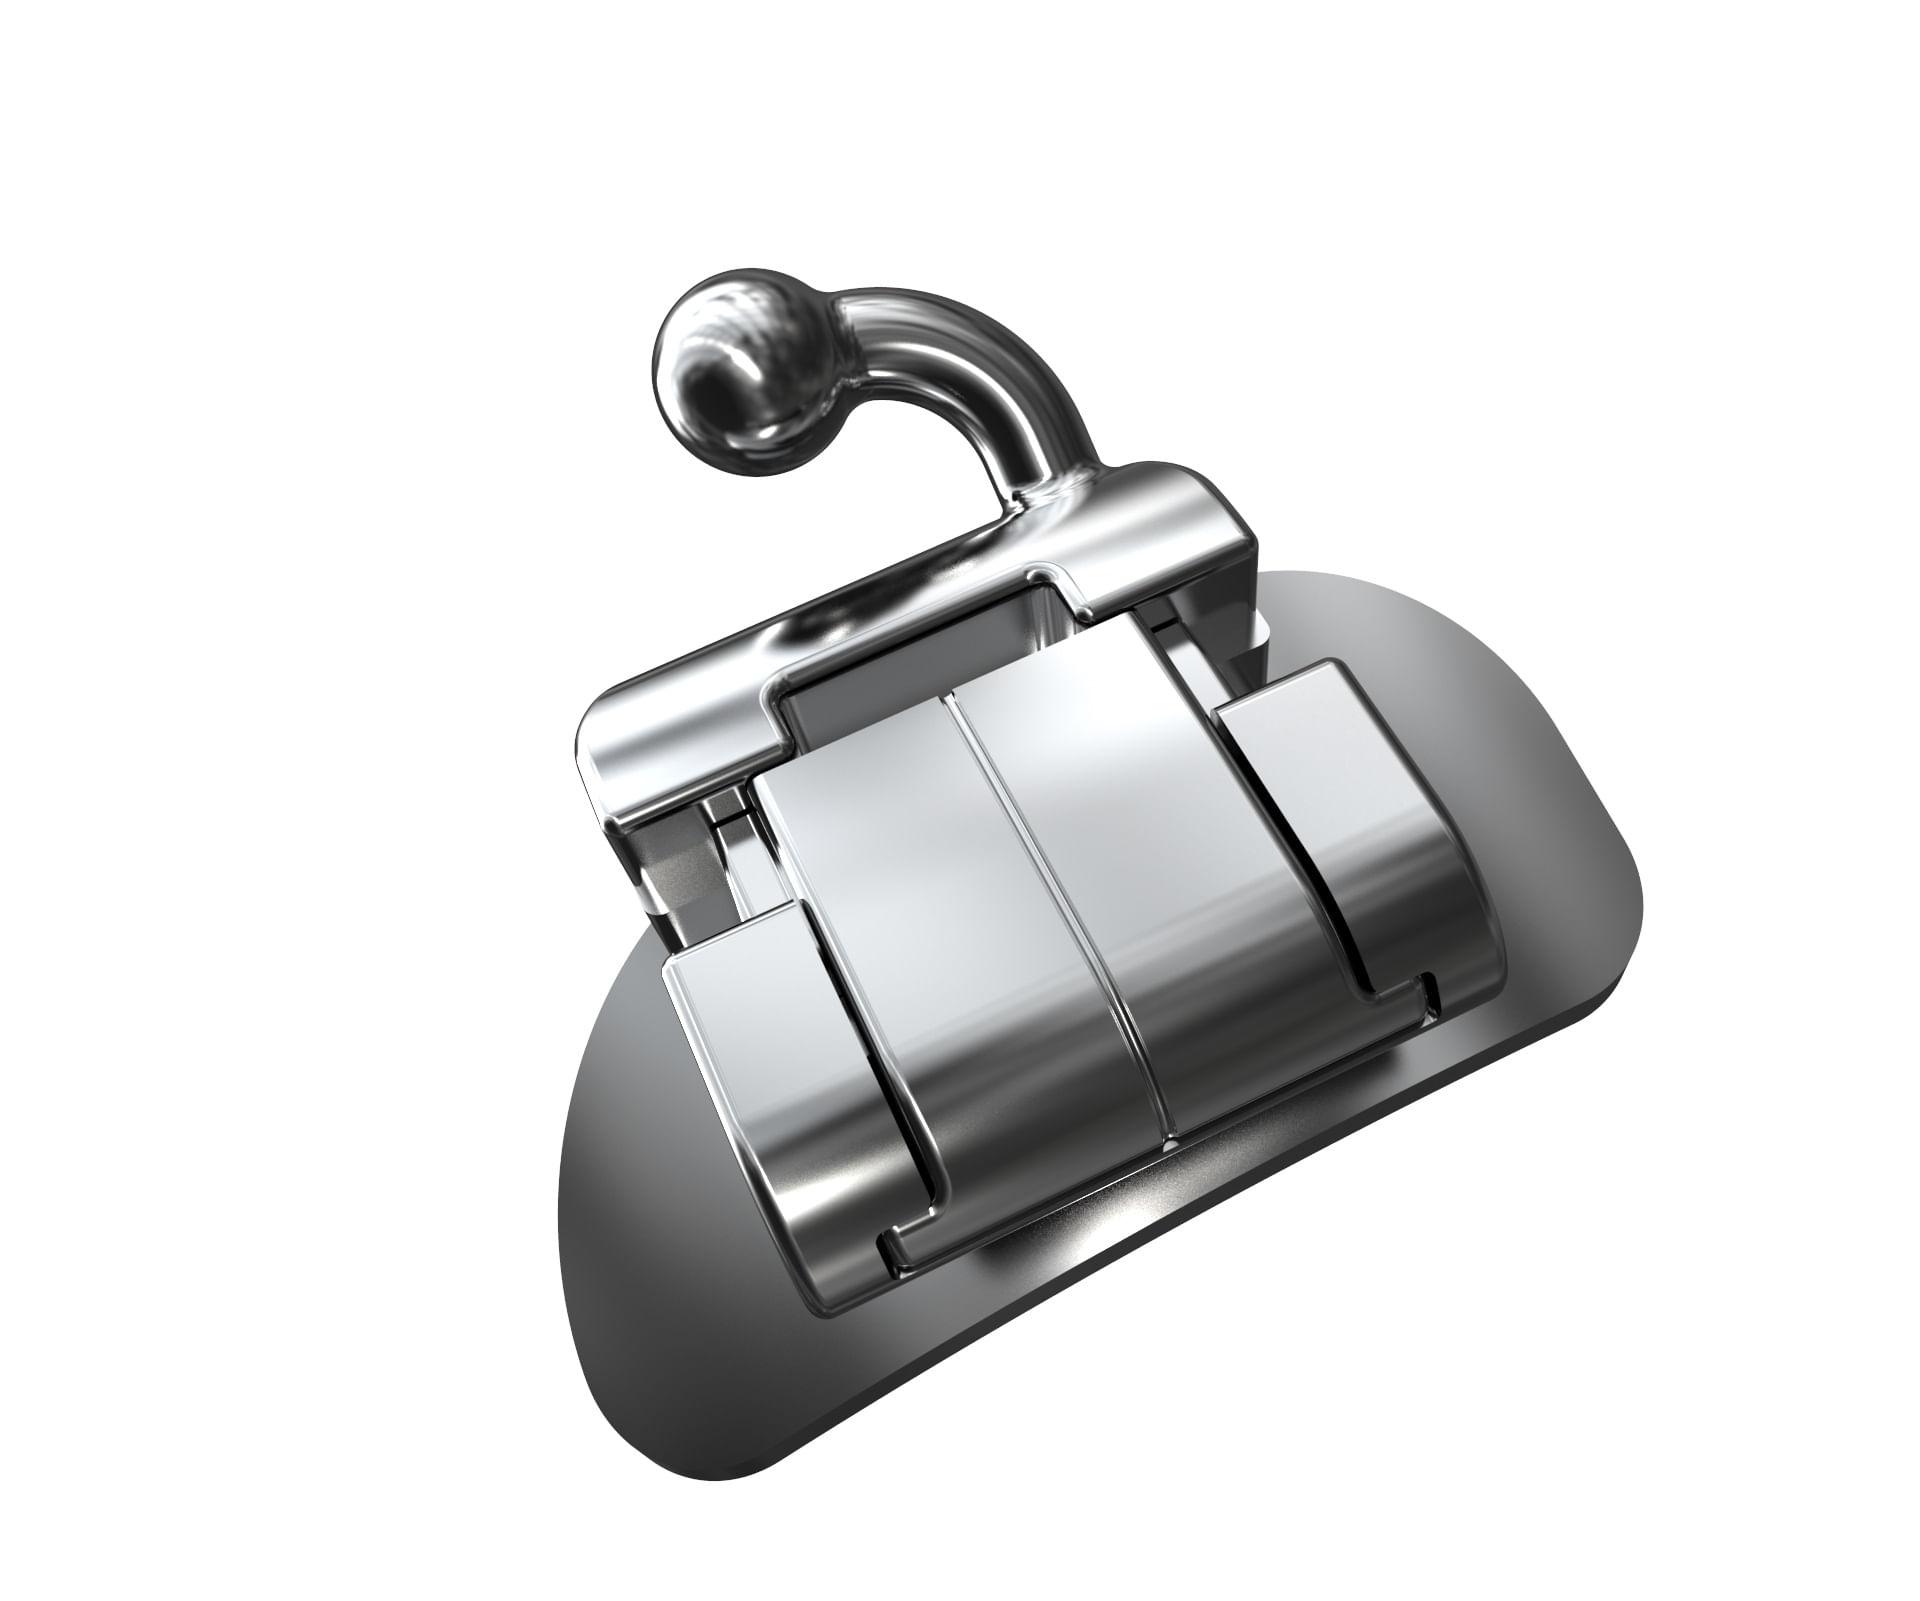 TUBO-ORTODONTICO-PARA-COLAGEM-AUTOLIGADO---PRESCRICAO-MBT-.022----DENTE-36---INFINITY